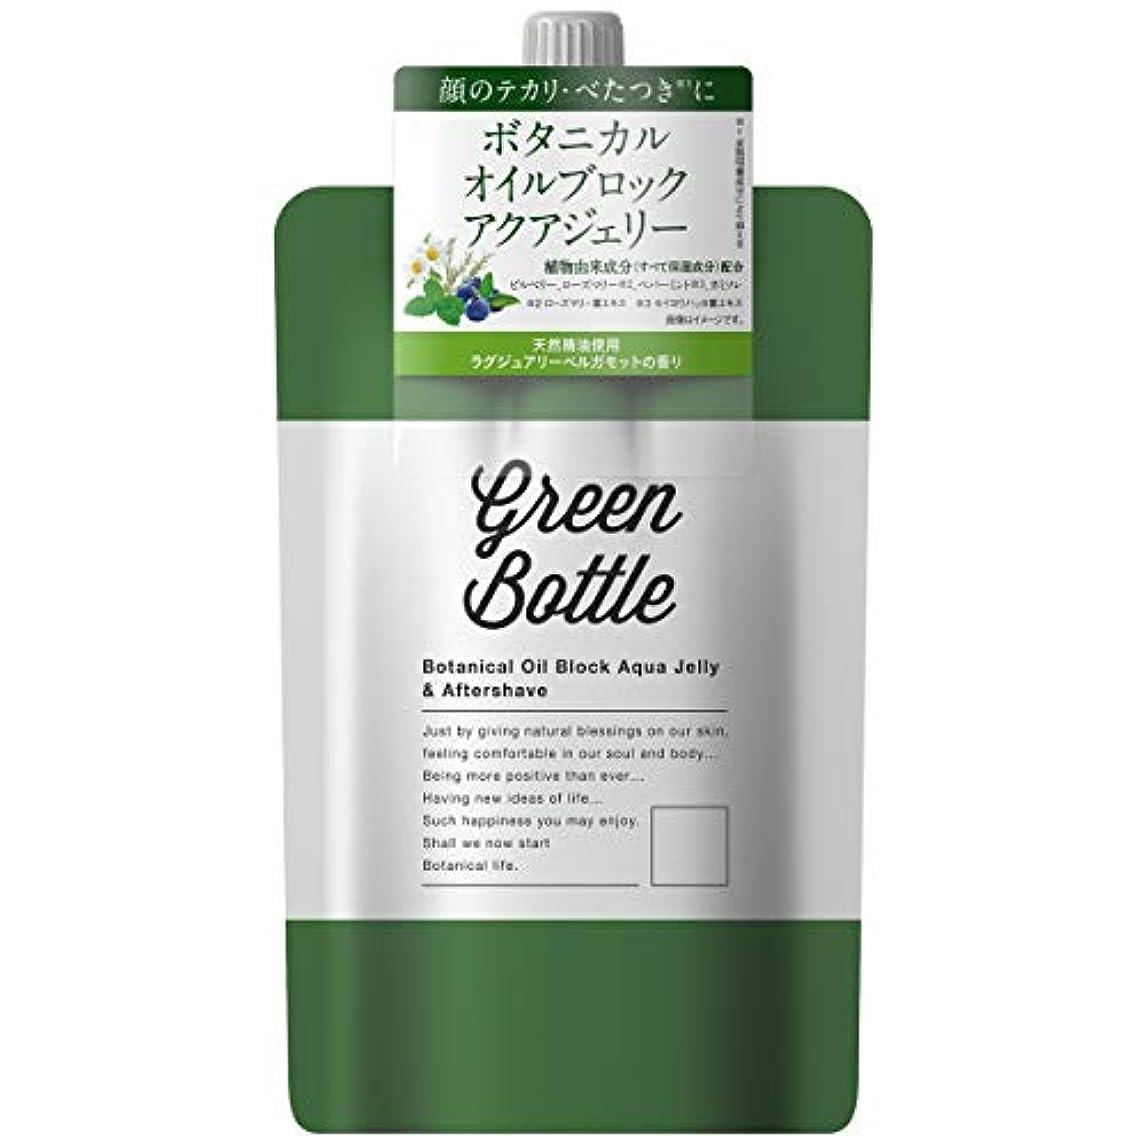 熱意デコレーションのみグリーンボトルボタニカル グリーンボトル ボタニカルオイルブロックアクアジェリー 化粧水 ラグジュアリーベルガモットの香り 150g